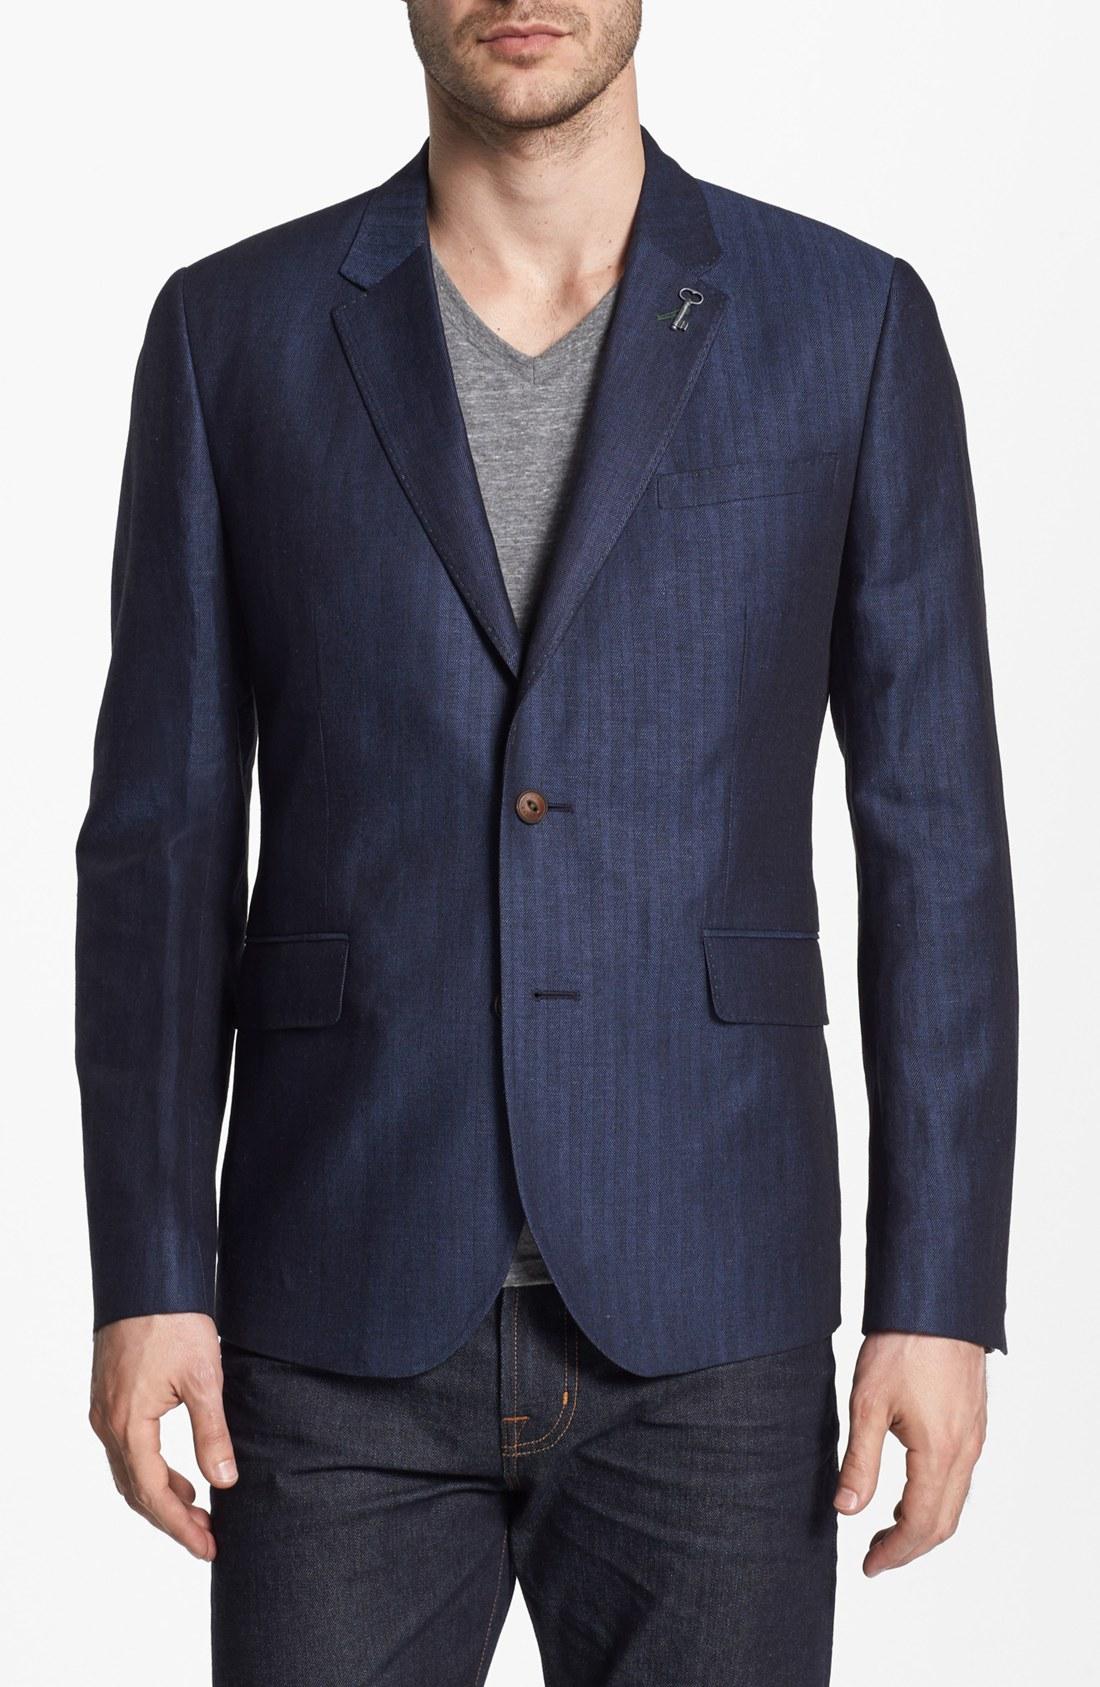 Linen fashion for men 49